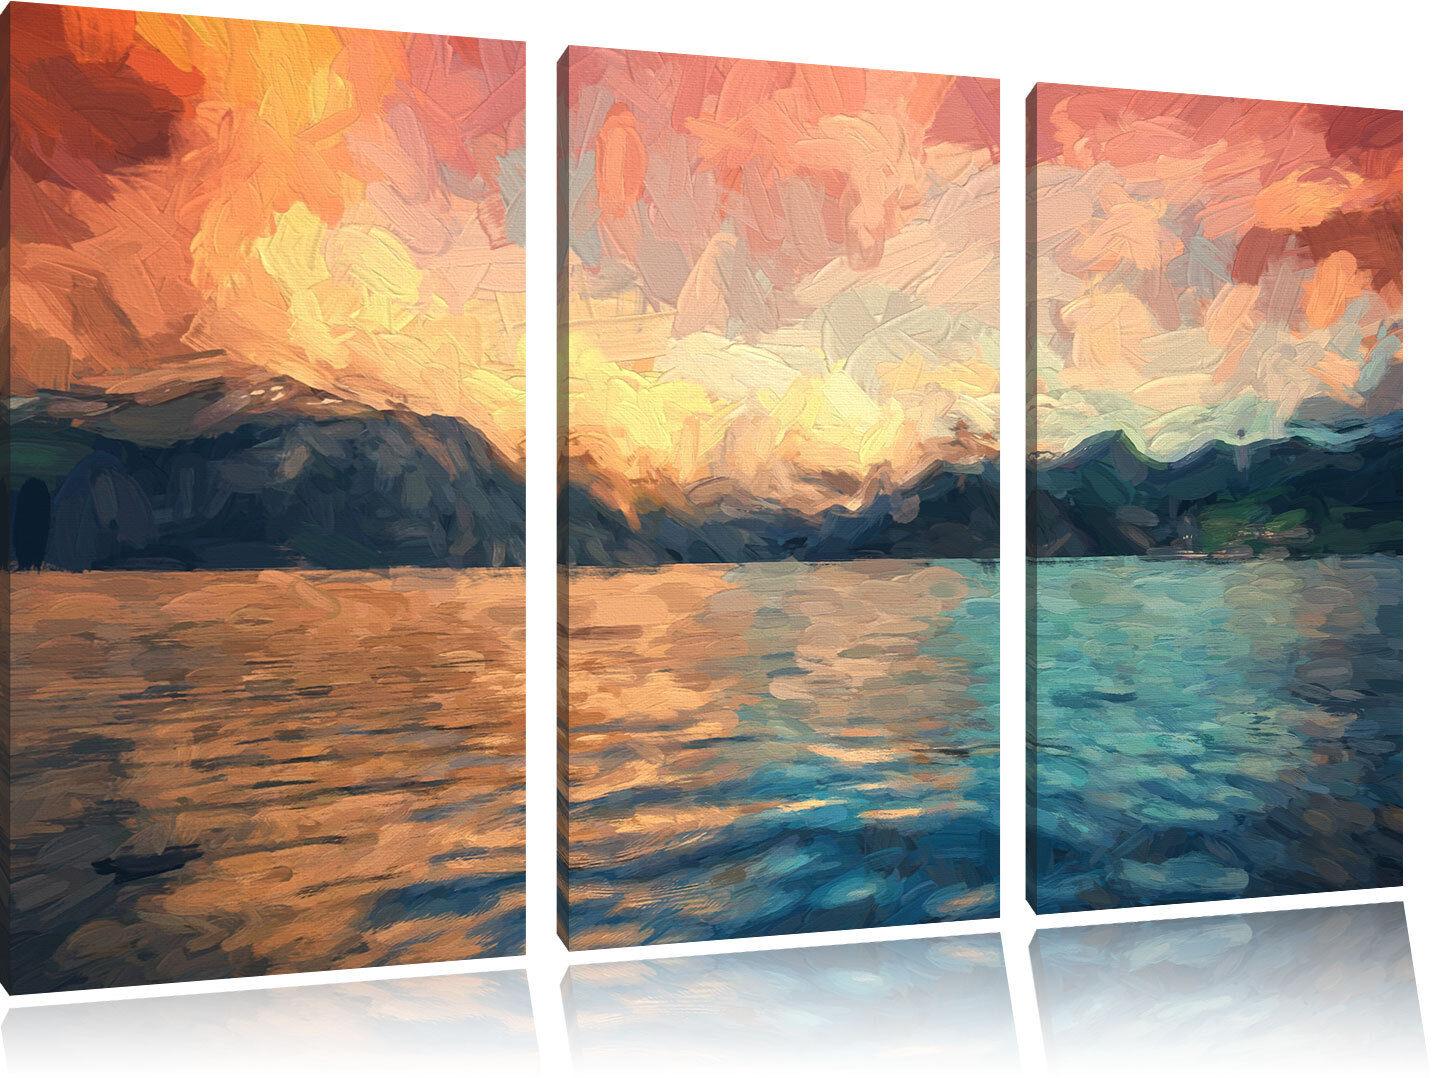 Eine schöne Landschaft im Norden Kunst Pinsel Effekt 3-Teiler Leinwandbild Wandd